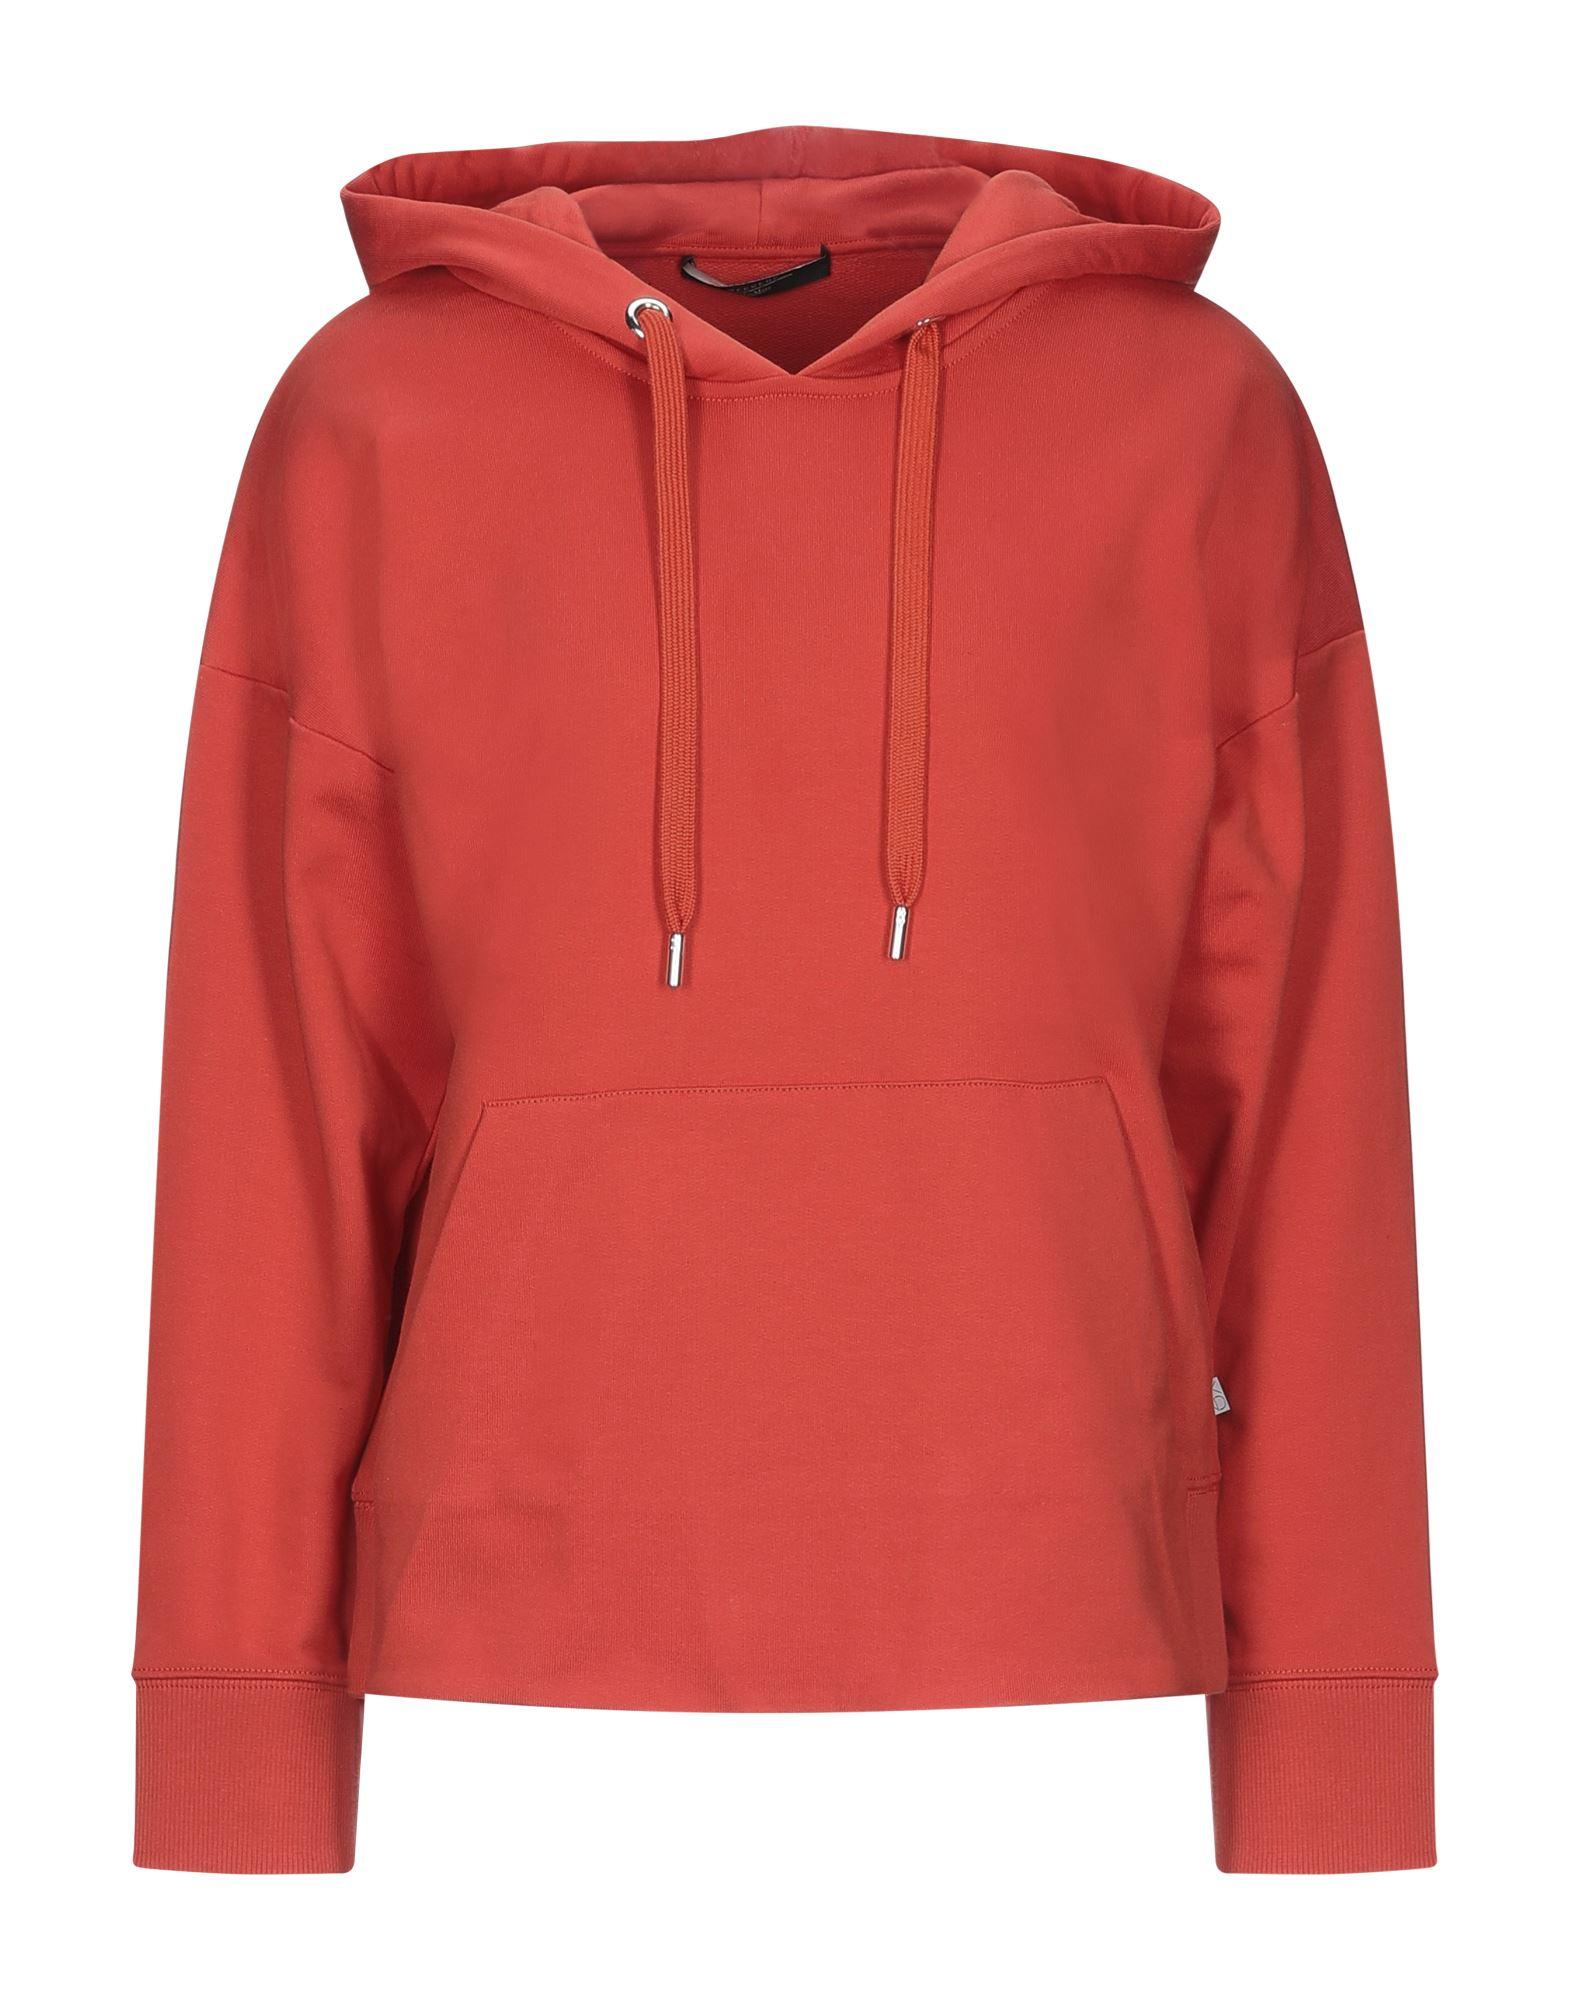 WEEKEND MAX MARA Sweatshirts - Item 12526055